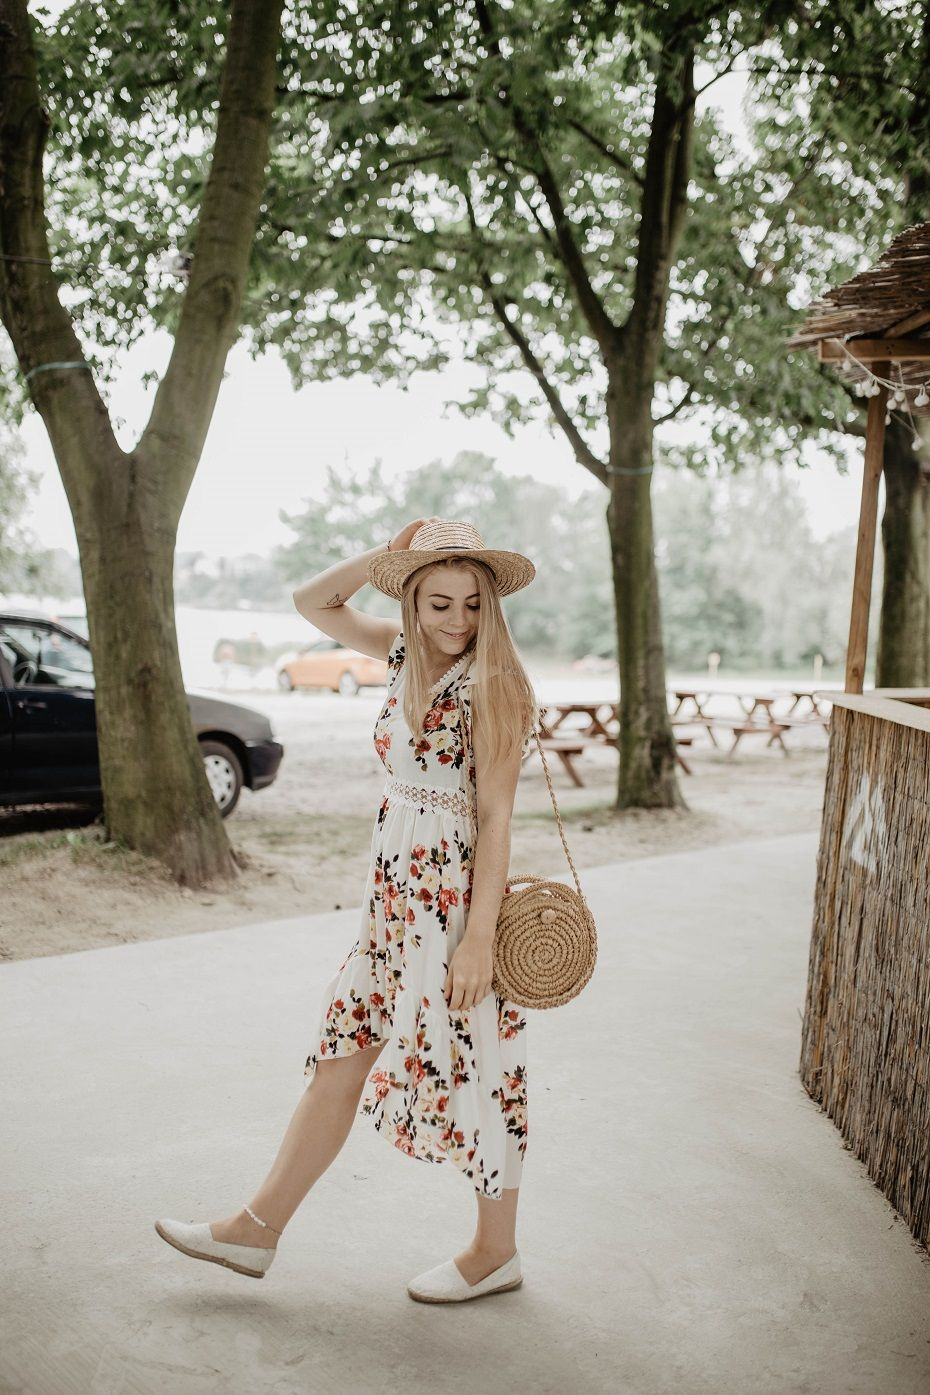 Sukienka W Kwiaty Stylizacja Na Letnie Dni Rozalia